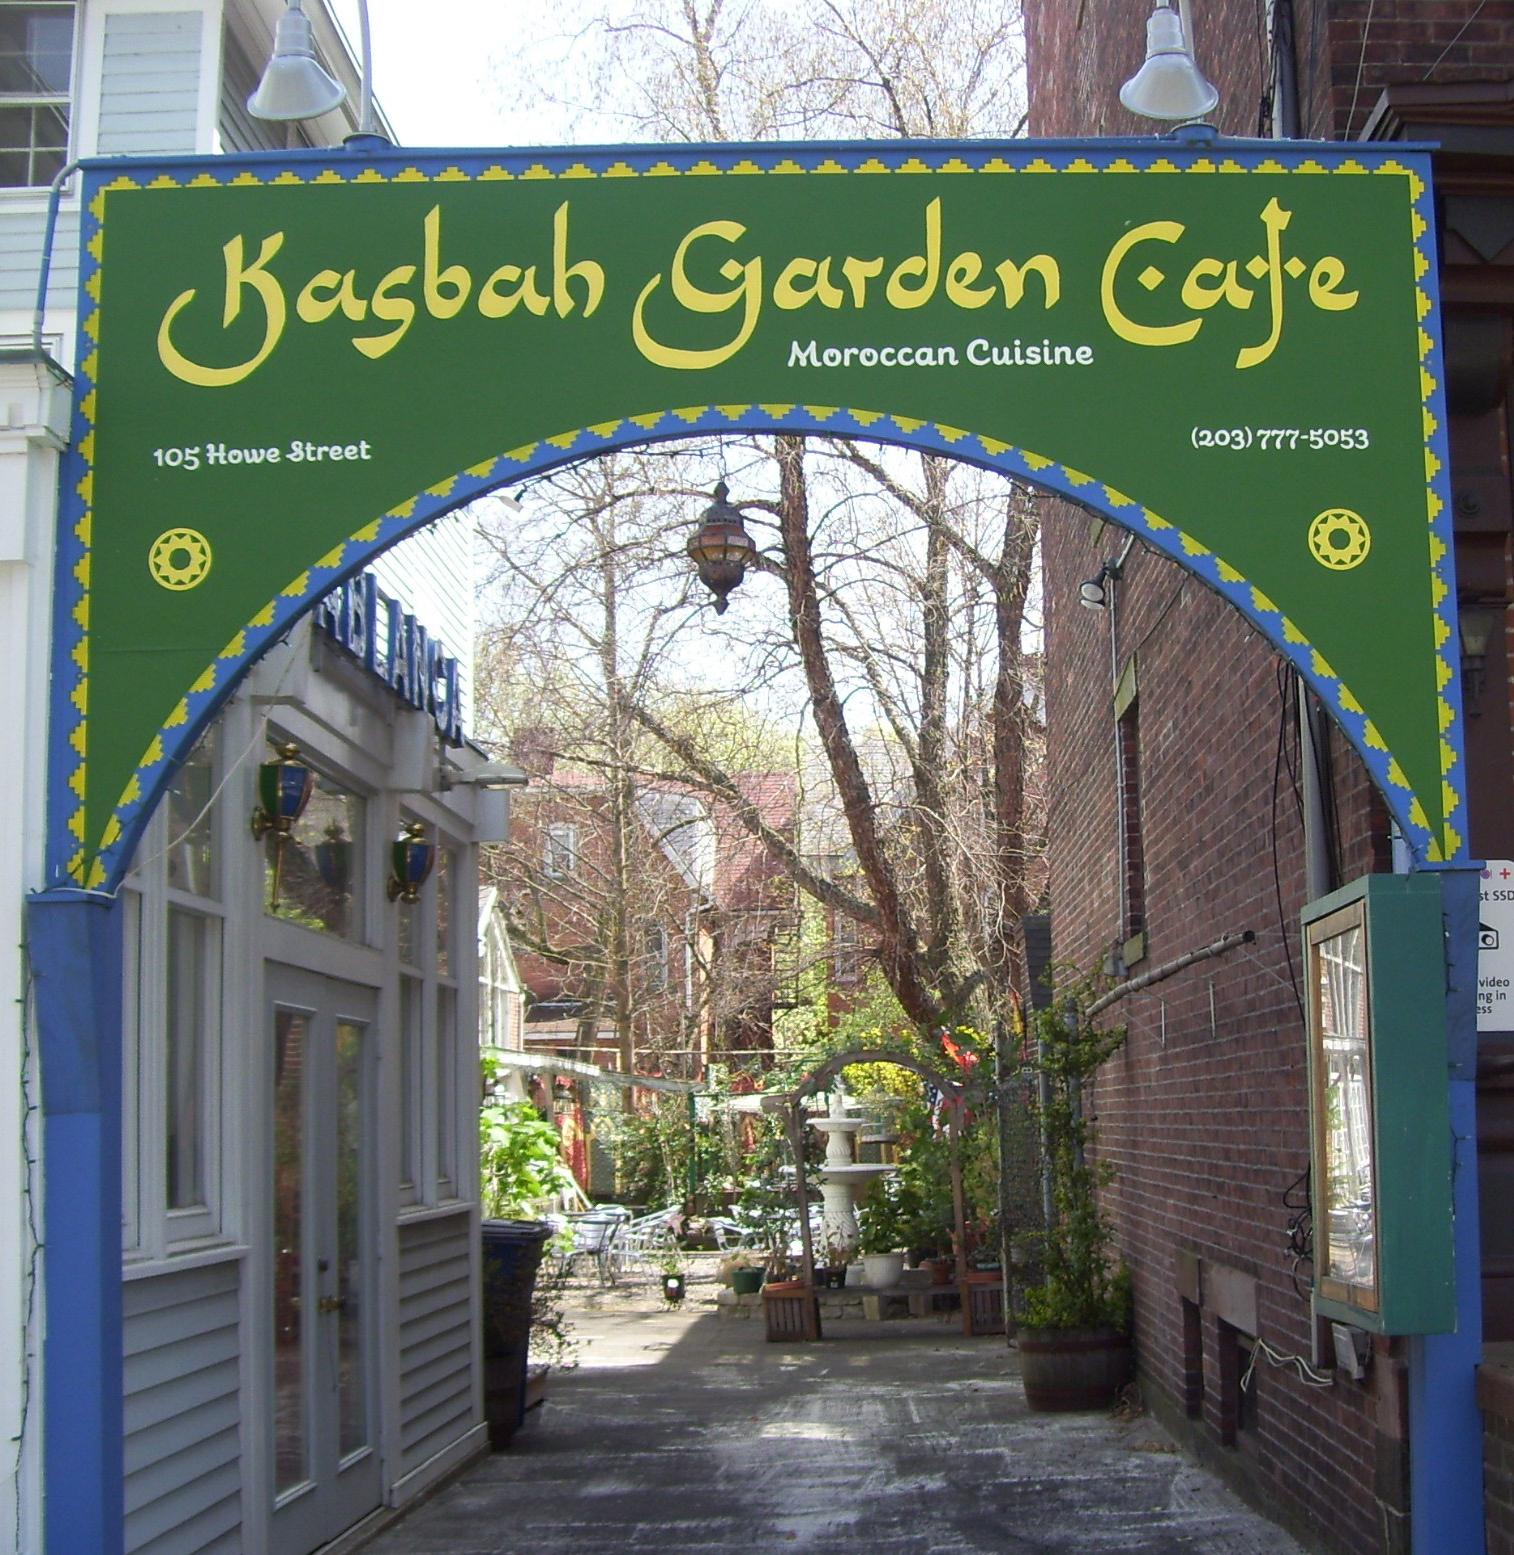 Kasbah Café 105 Howe Street (203) 777-5053